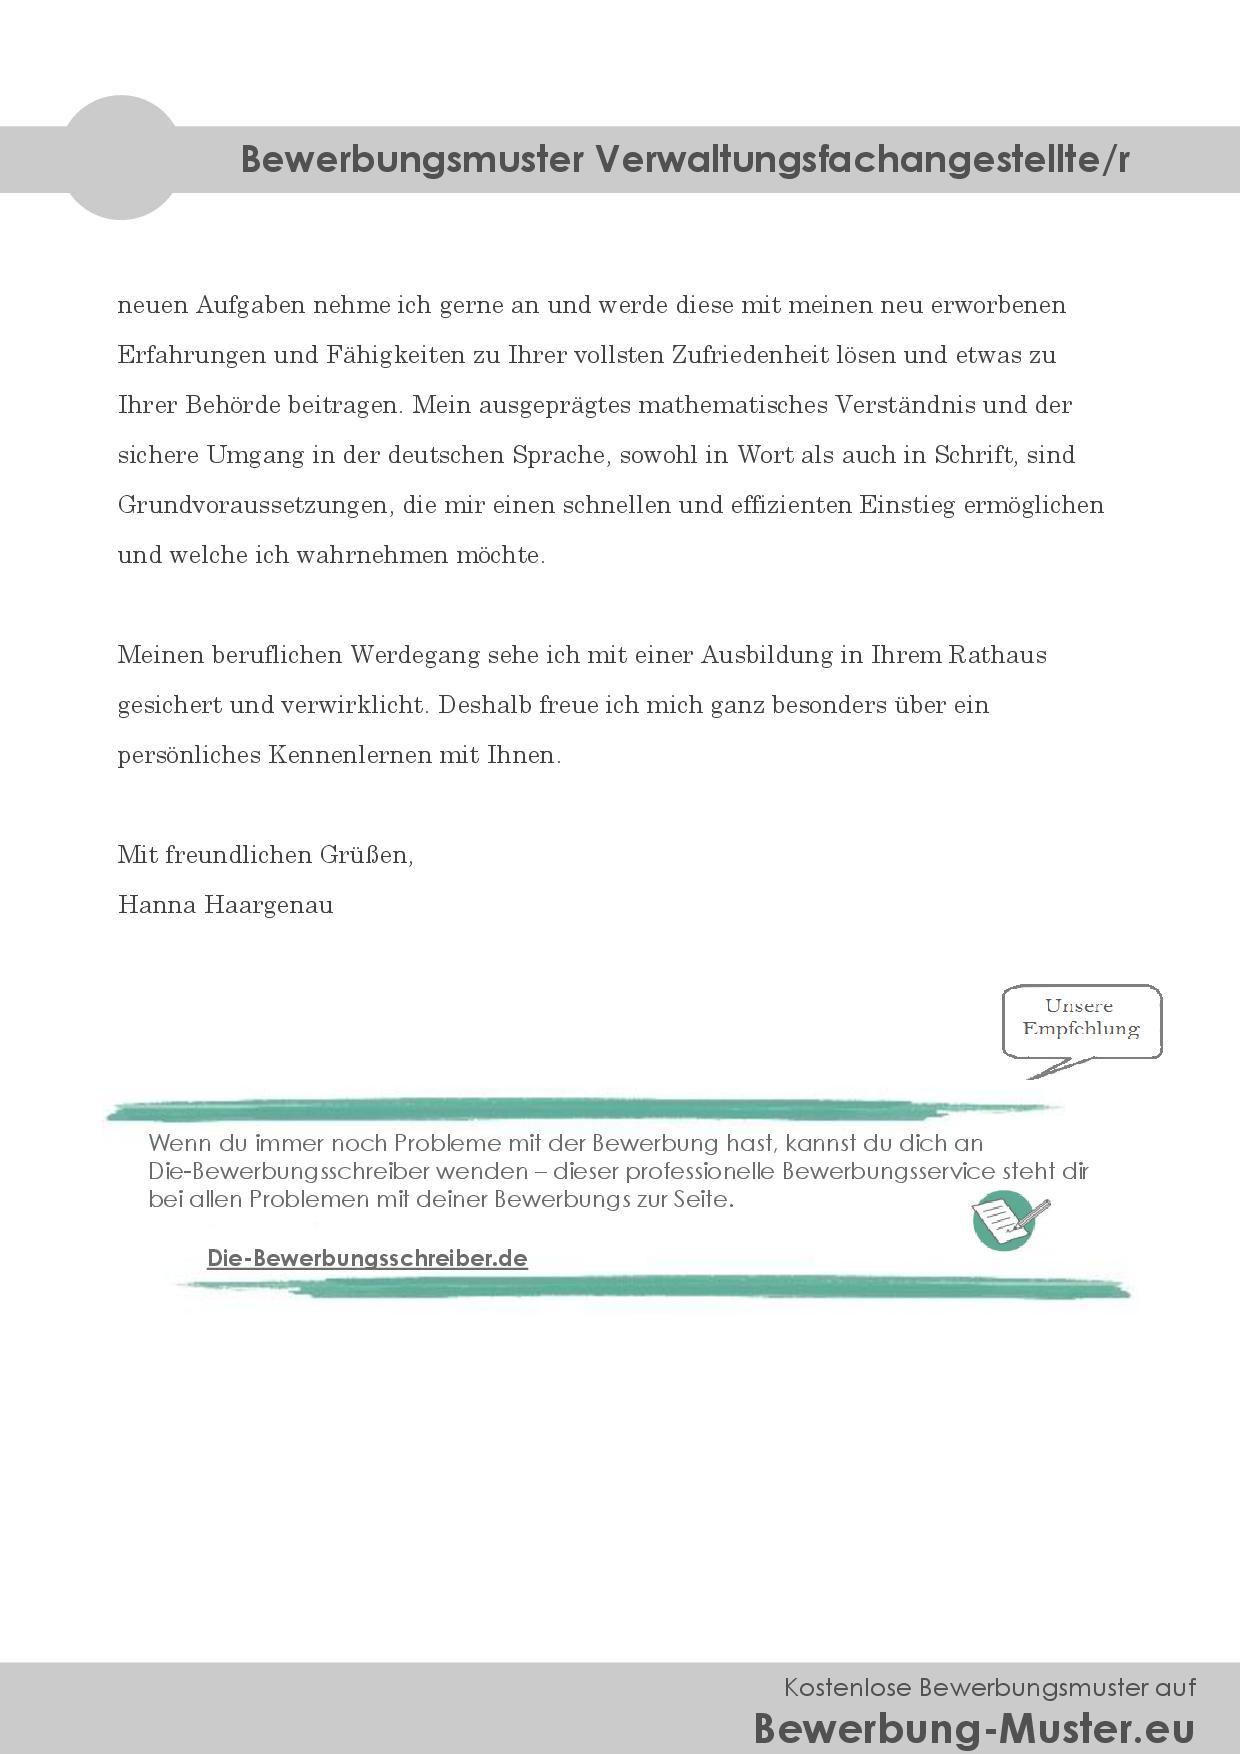 Bewerbungsmuster Verwaltungsfachangestellte/r